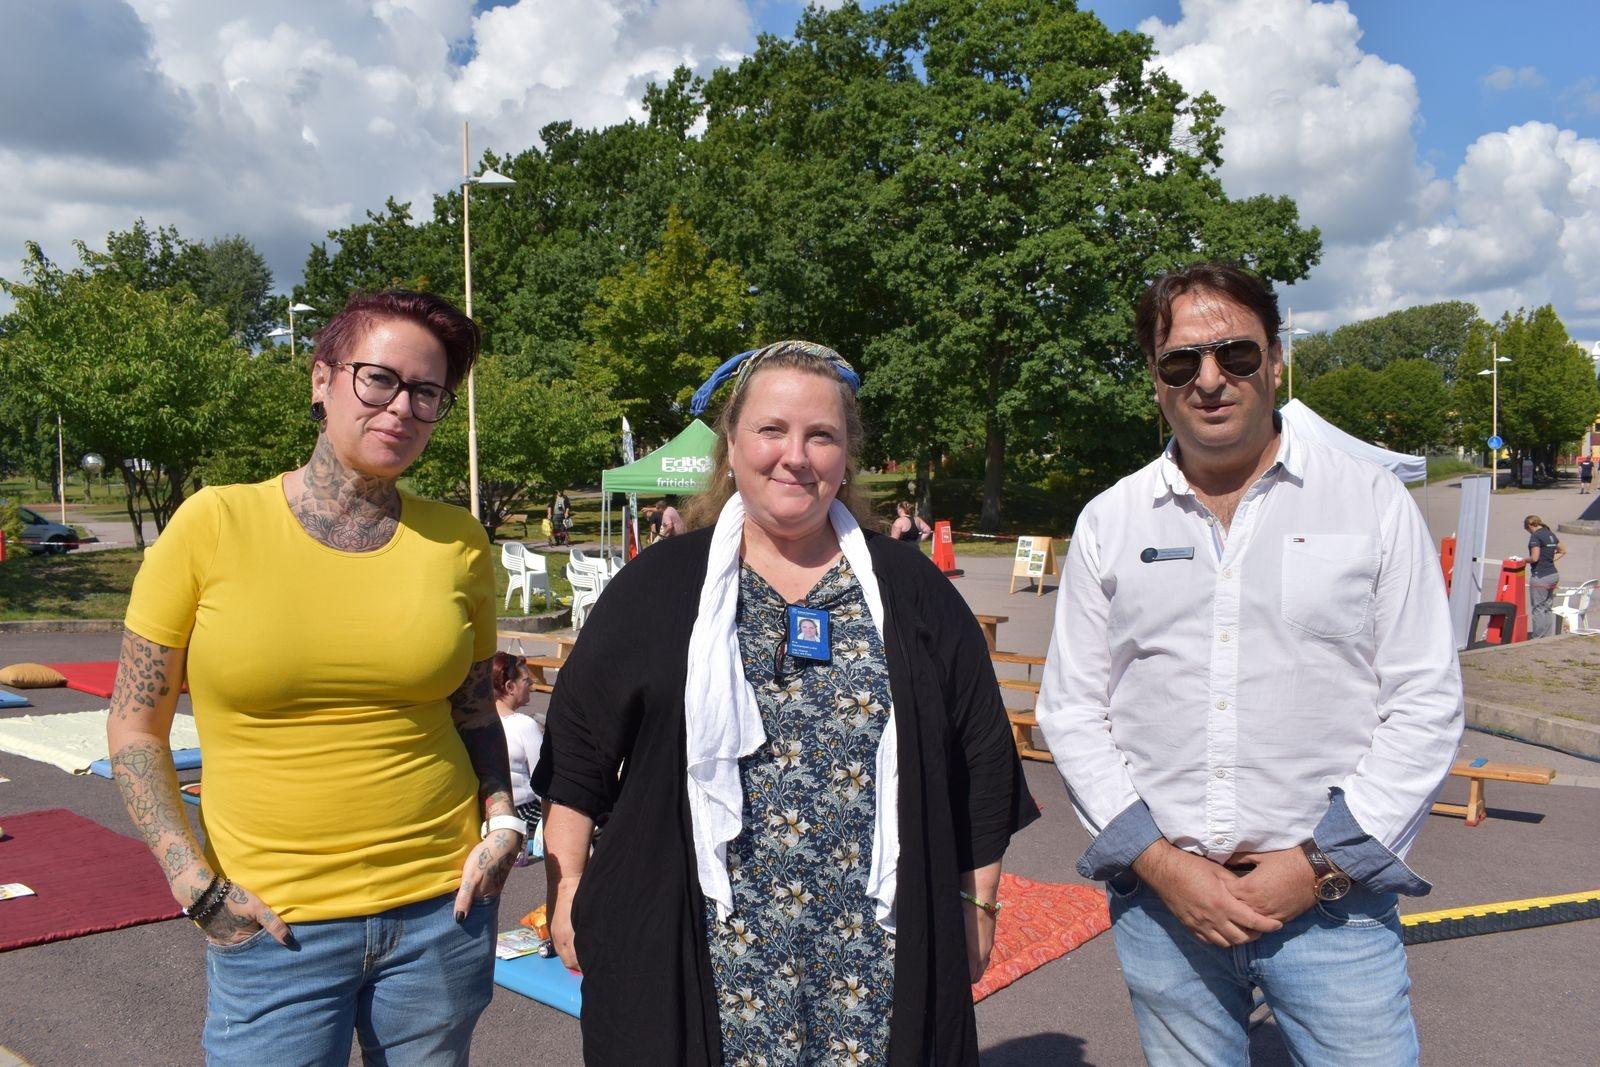 Aktivitetsledarna Emelie Jonasson, Eva H. Lund och Ahmad Alaaddin från socialförvaltningens trygghet och säkerhet.